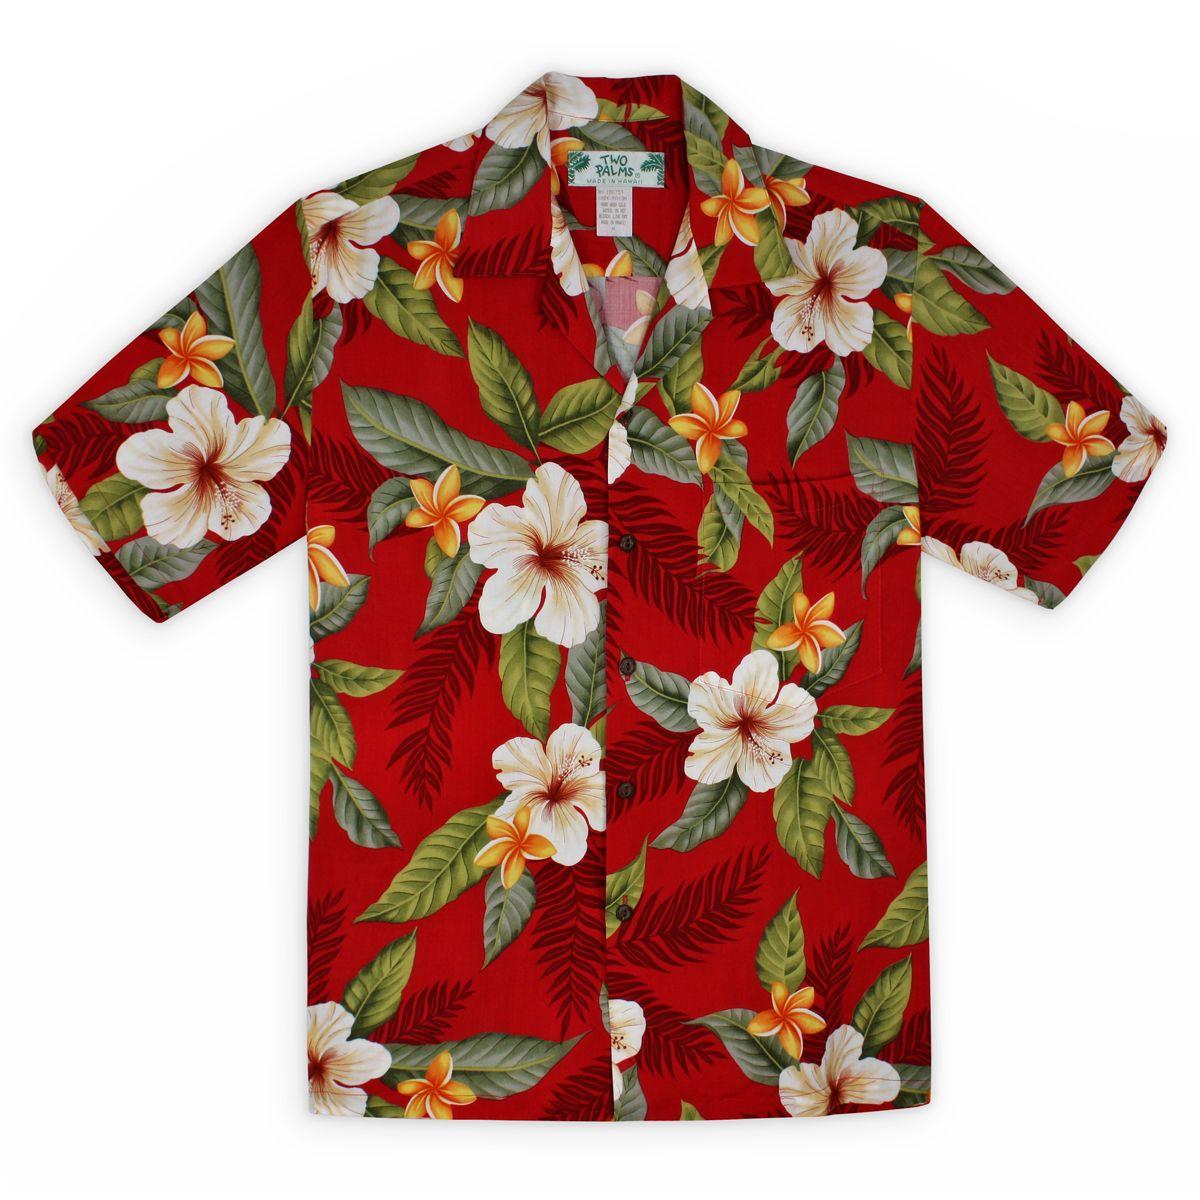 Button Down Shirt Red Hawaiian Shirt,Boho Hippie